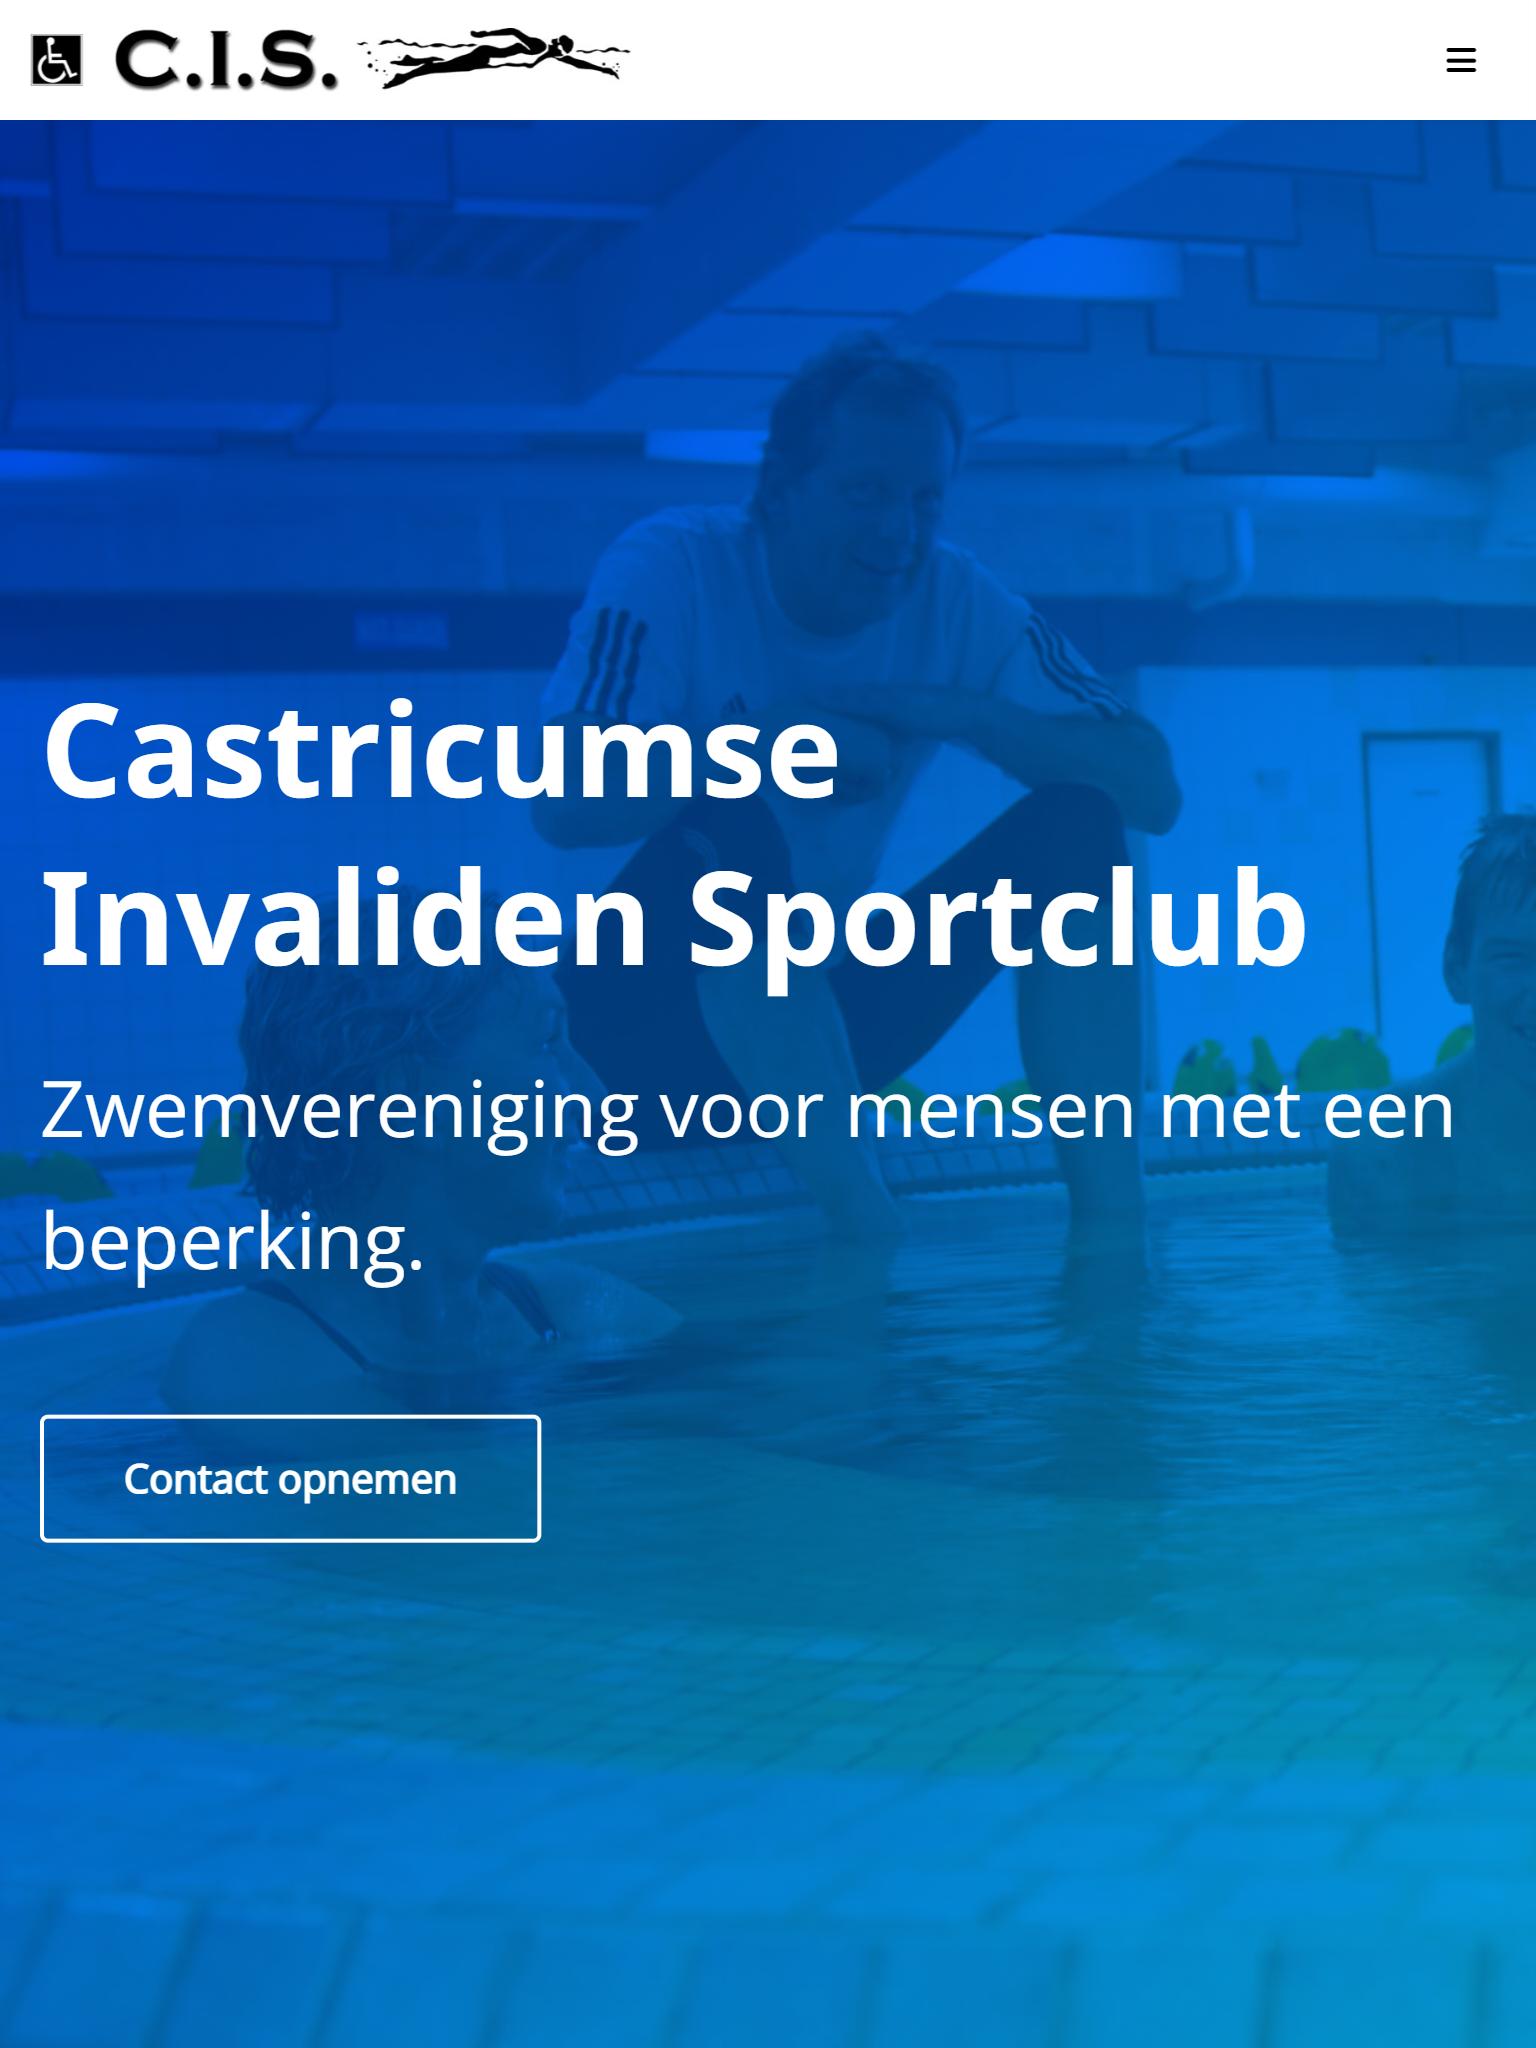 Zwemvereniging C.I.S. - After - Tabletweergave